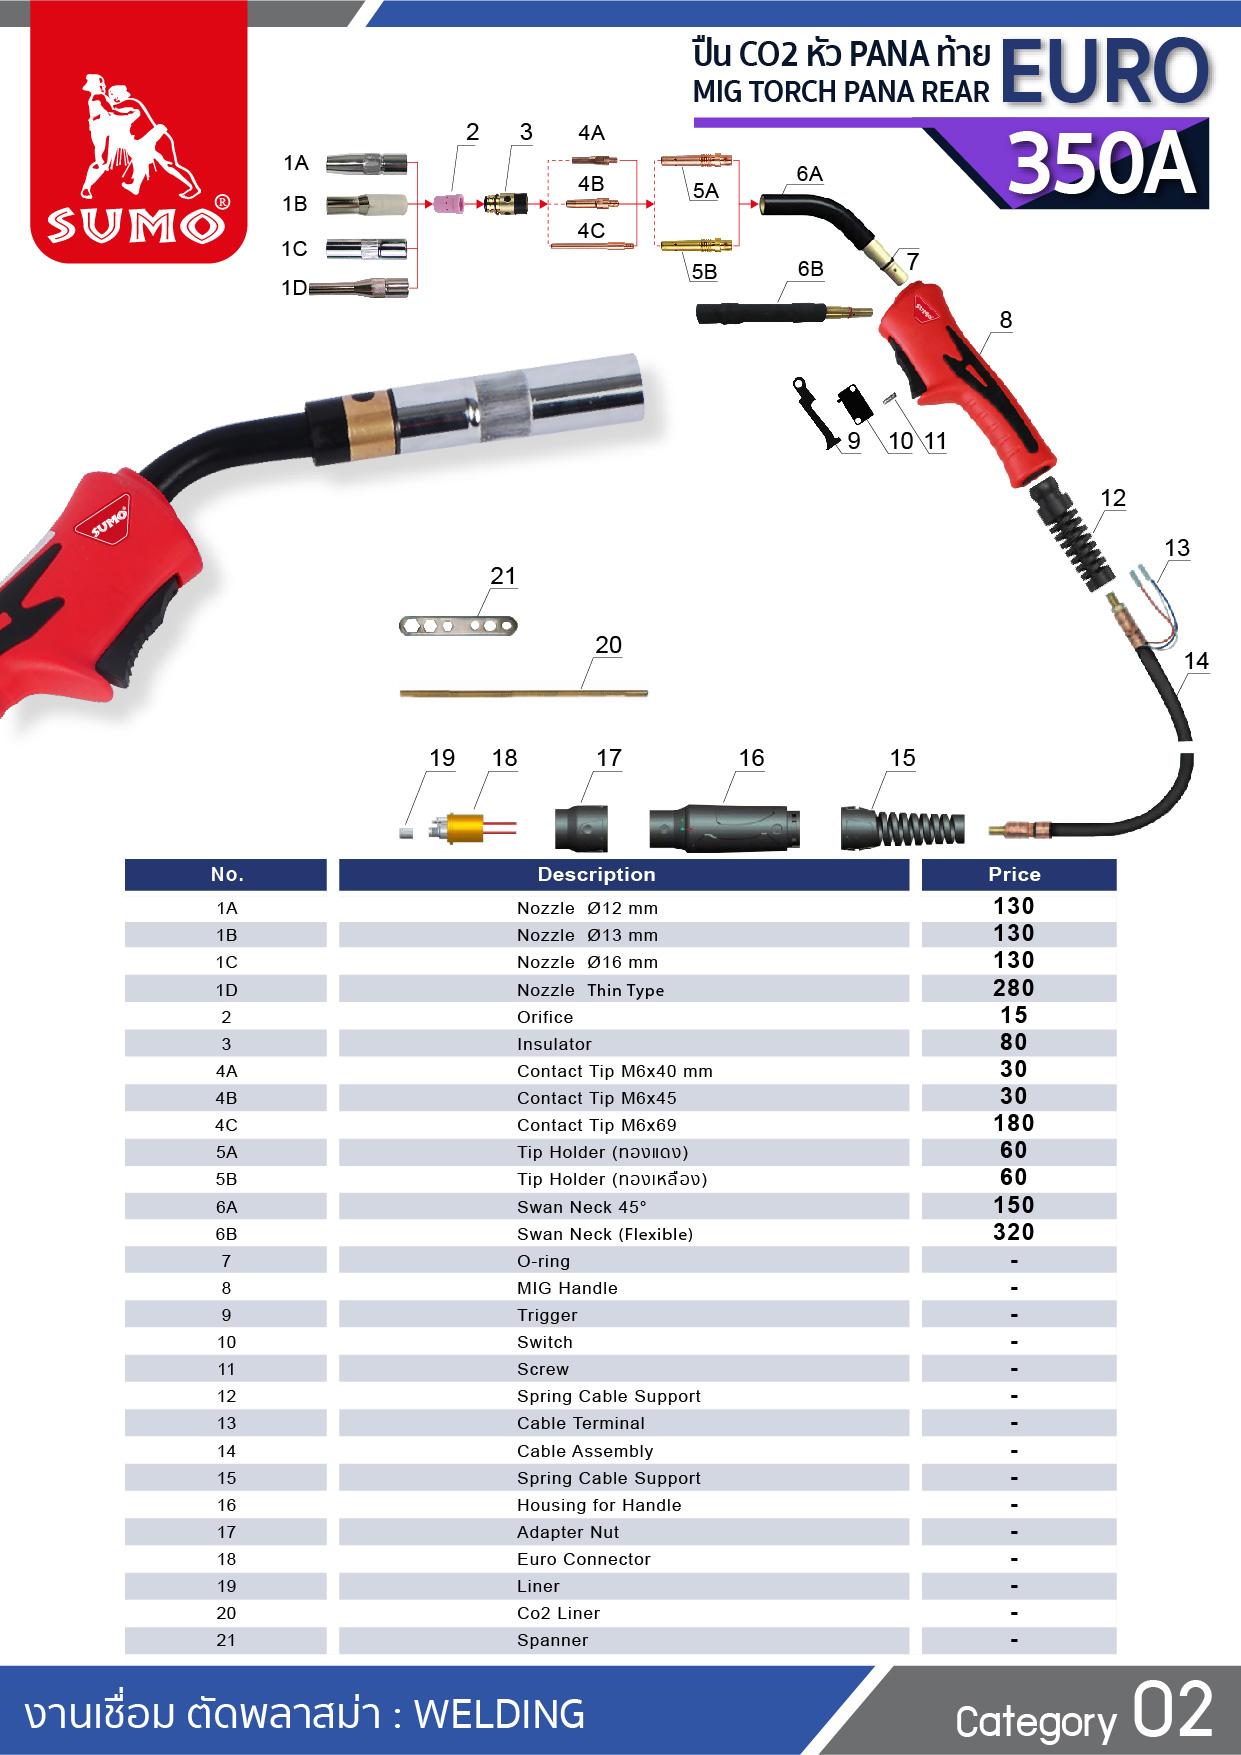 (12/34) ปืน CO2 PANA 350A EURO Tail